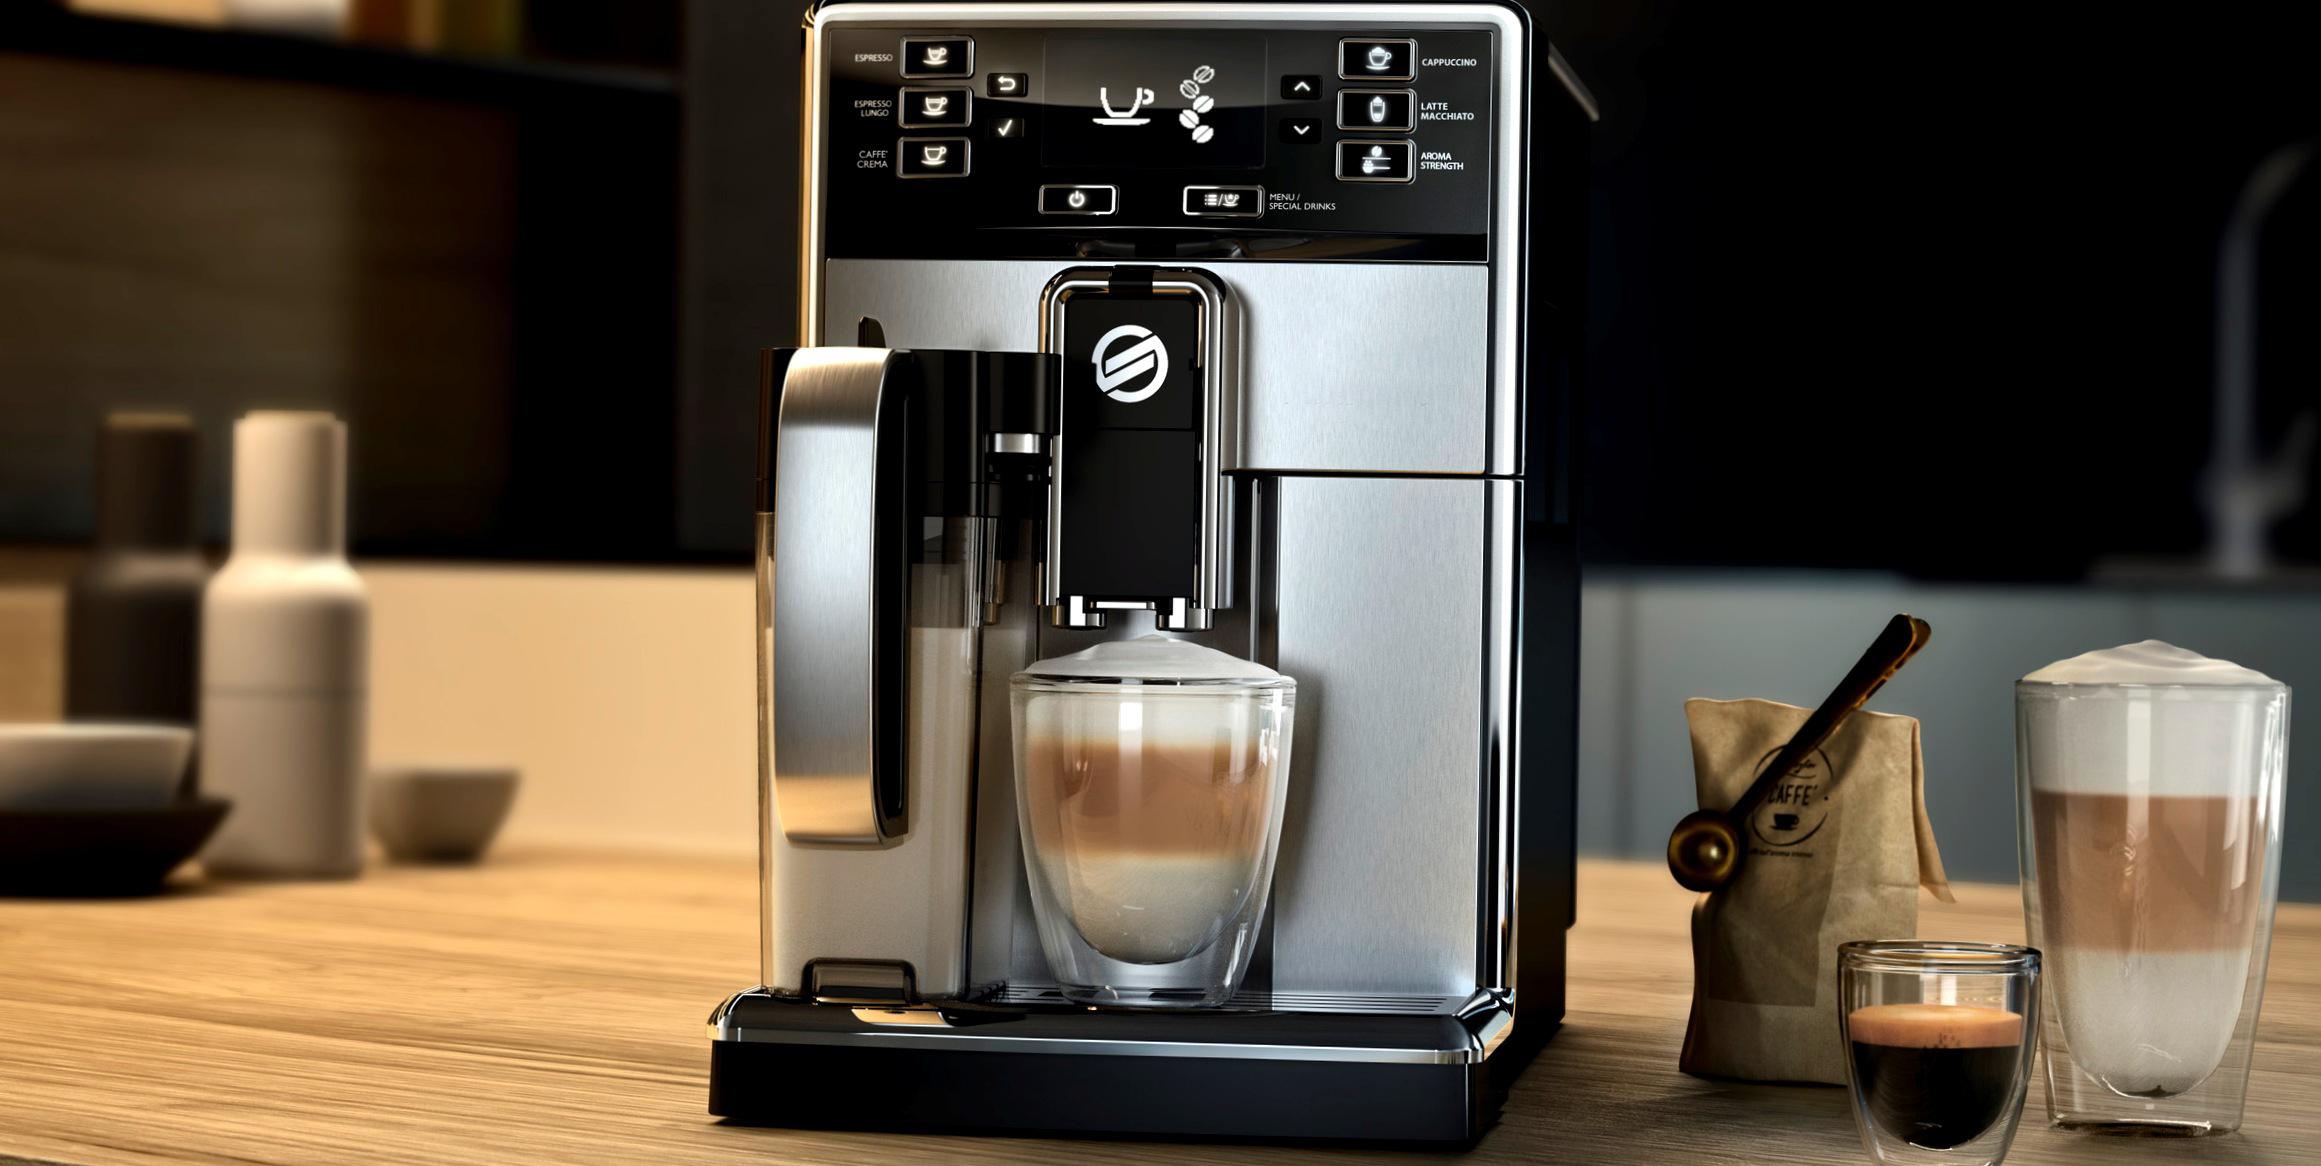 кофемашина - Комплексная чистка кофемашины